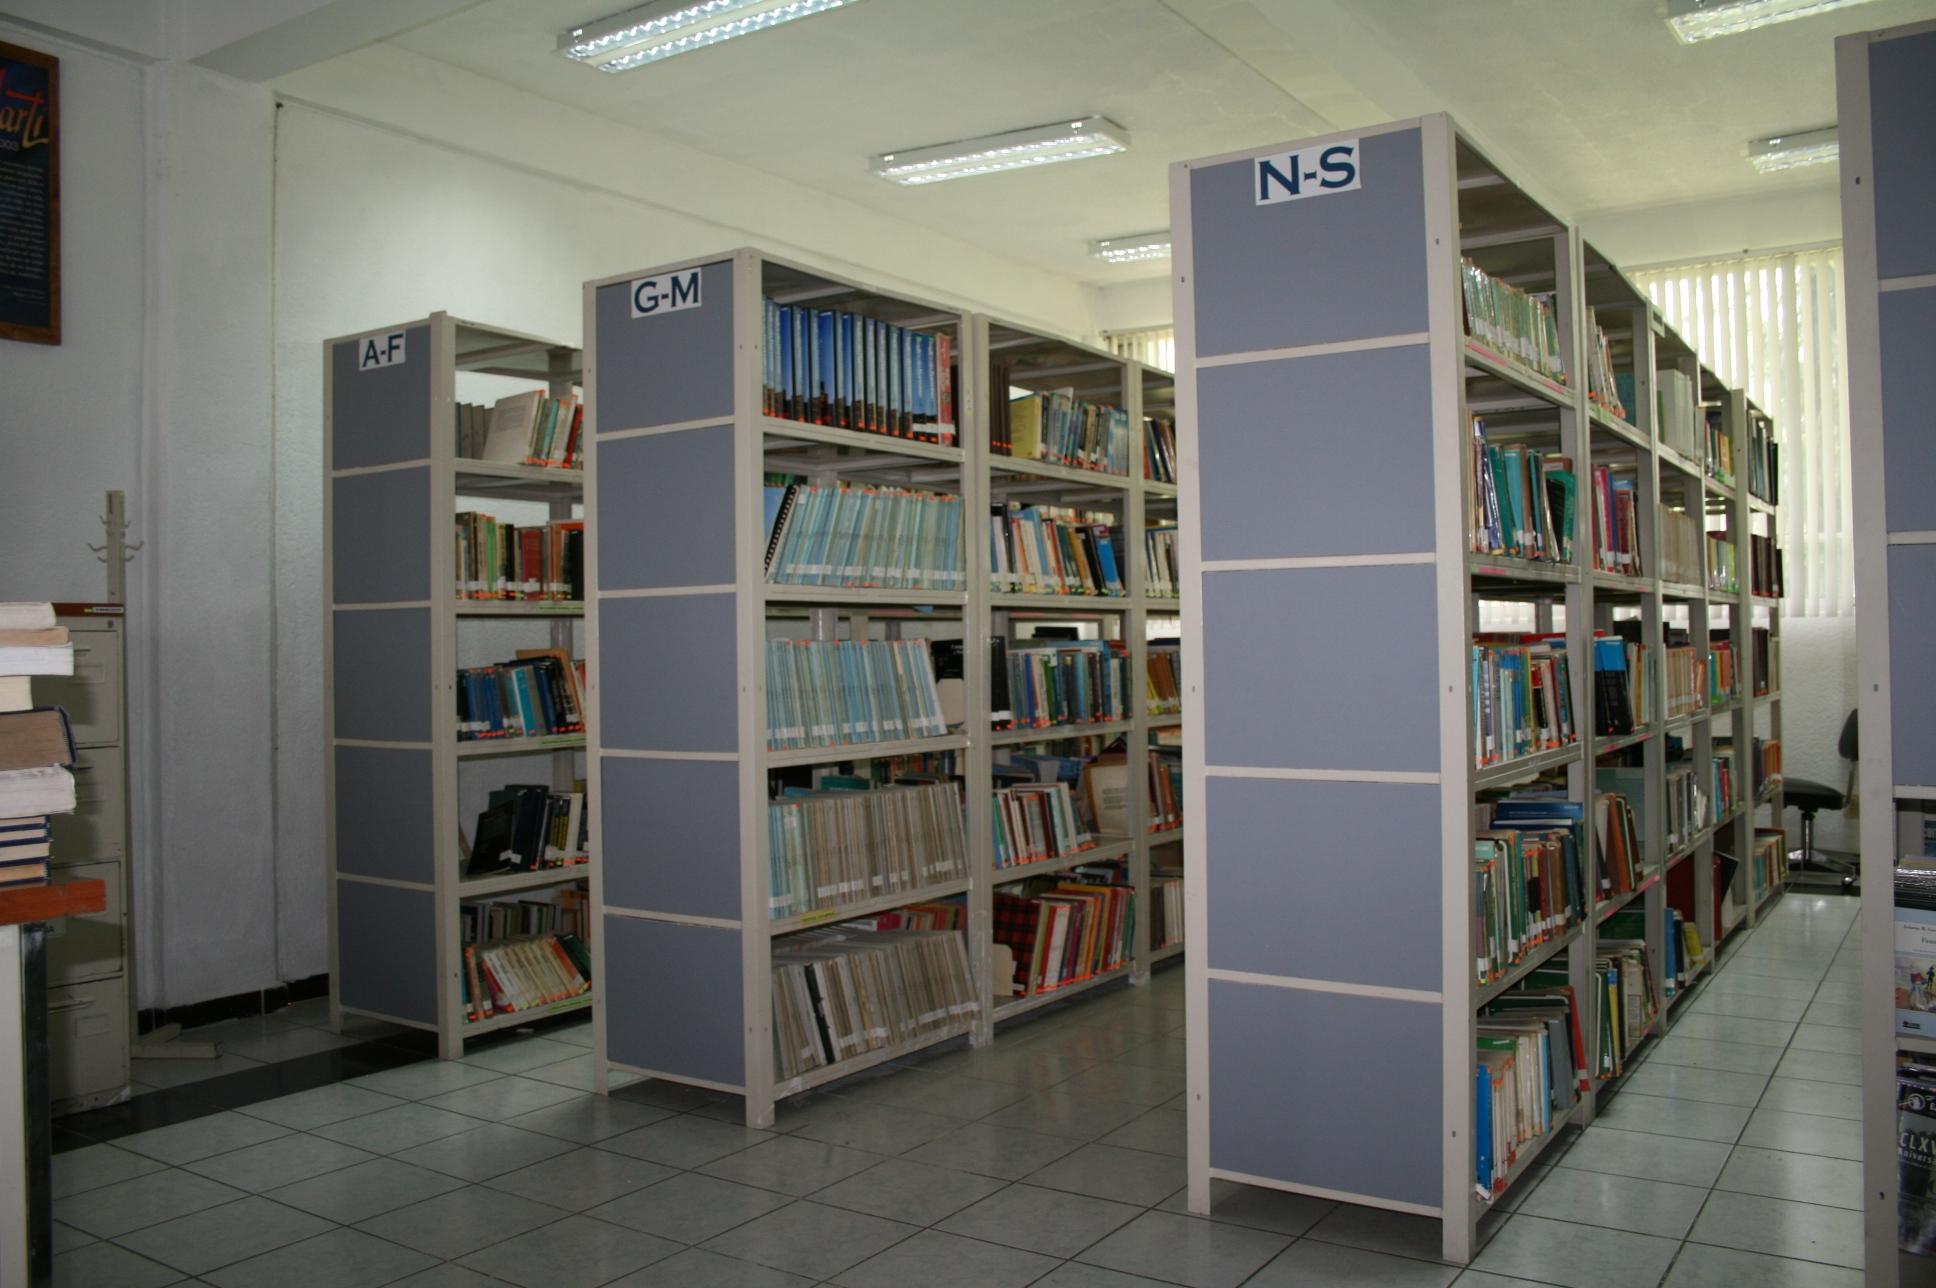 bibliotecaJPG